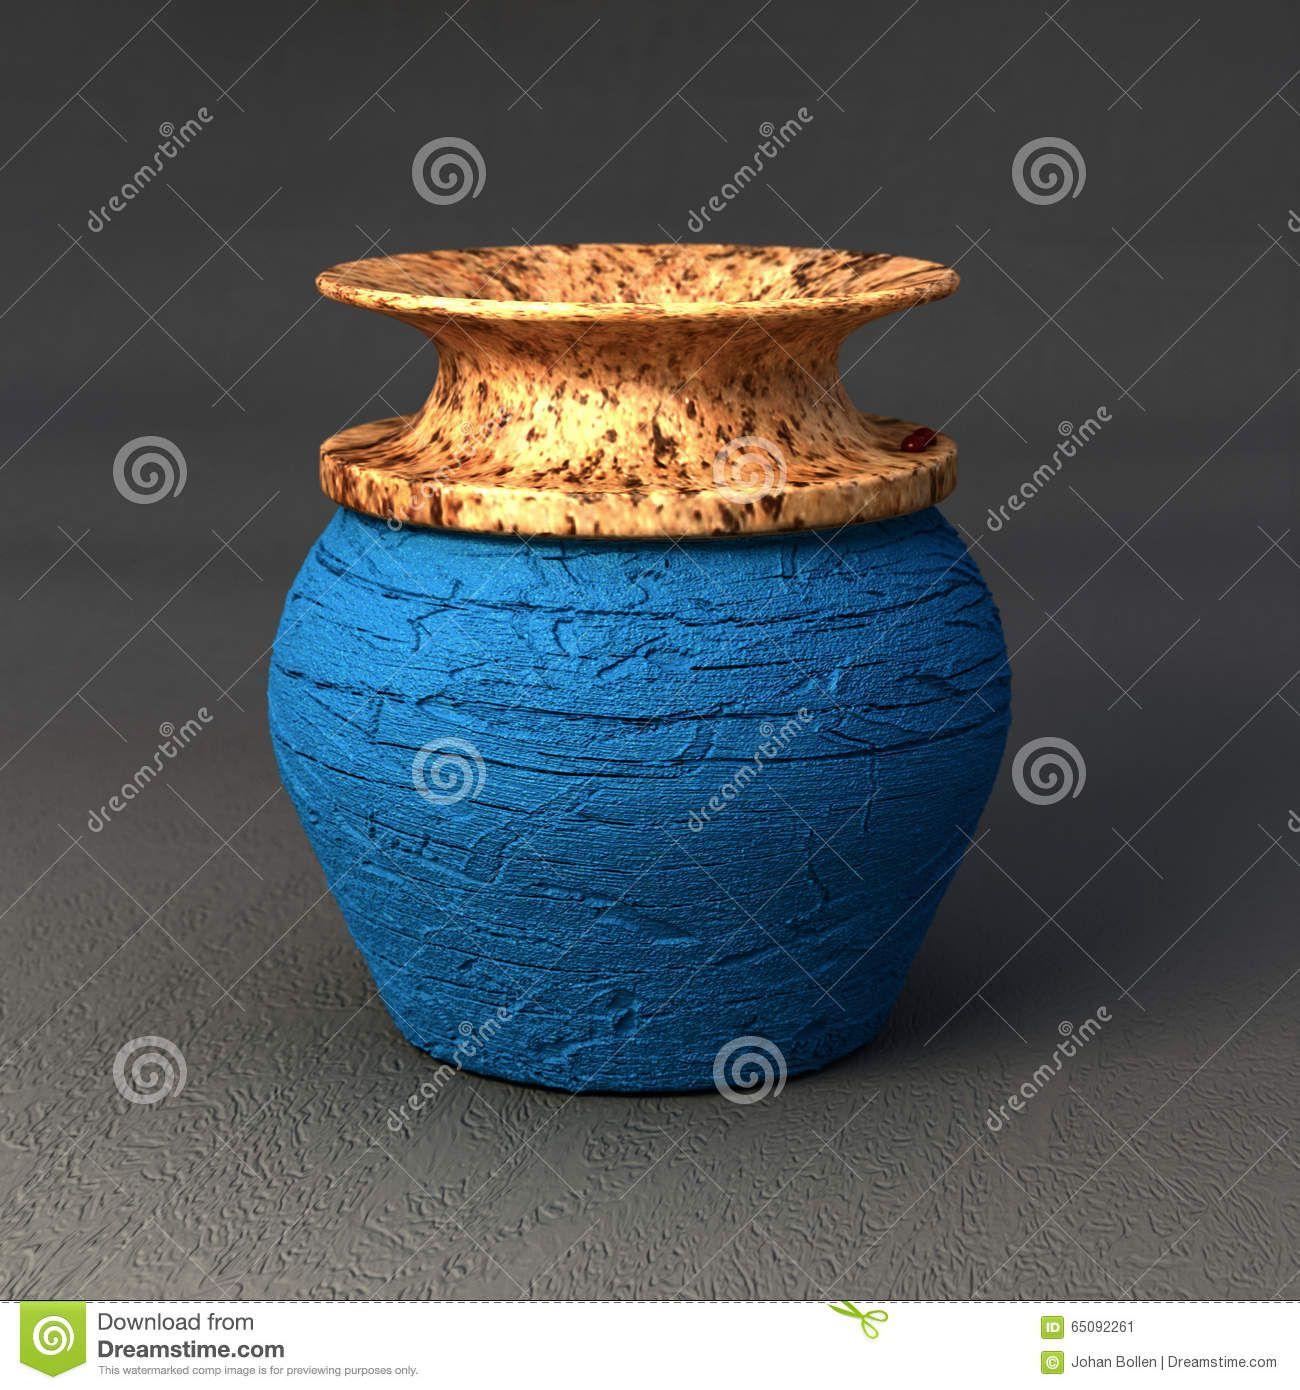 Digitale Keramiek - Kleine Blauwe Vaas by Johan Bollen- Downloaden van meer dan 45 Miljoen hoge kwaliteit stock foto's, Beelden, Vectoren. Schrijf vandaag GRATIS in. Afbeelding: 65092261